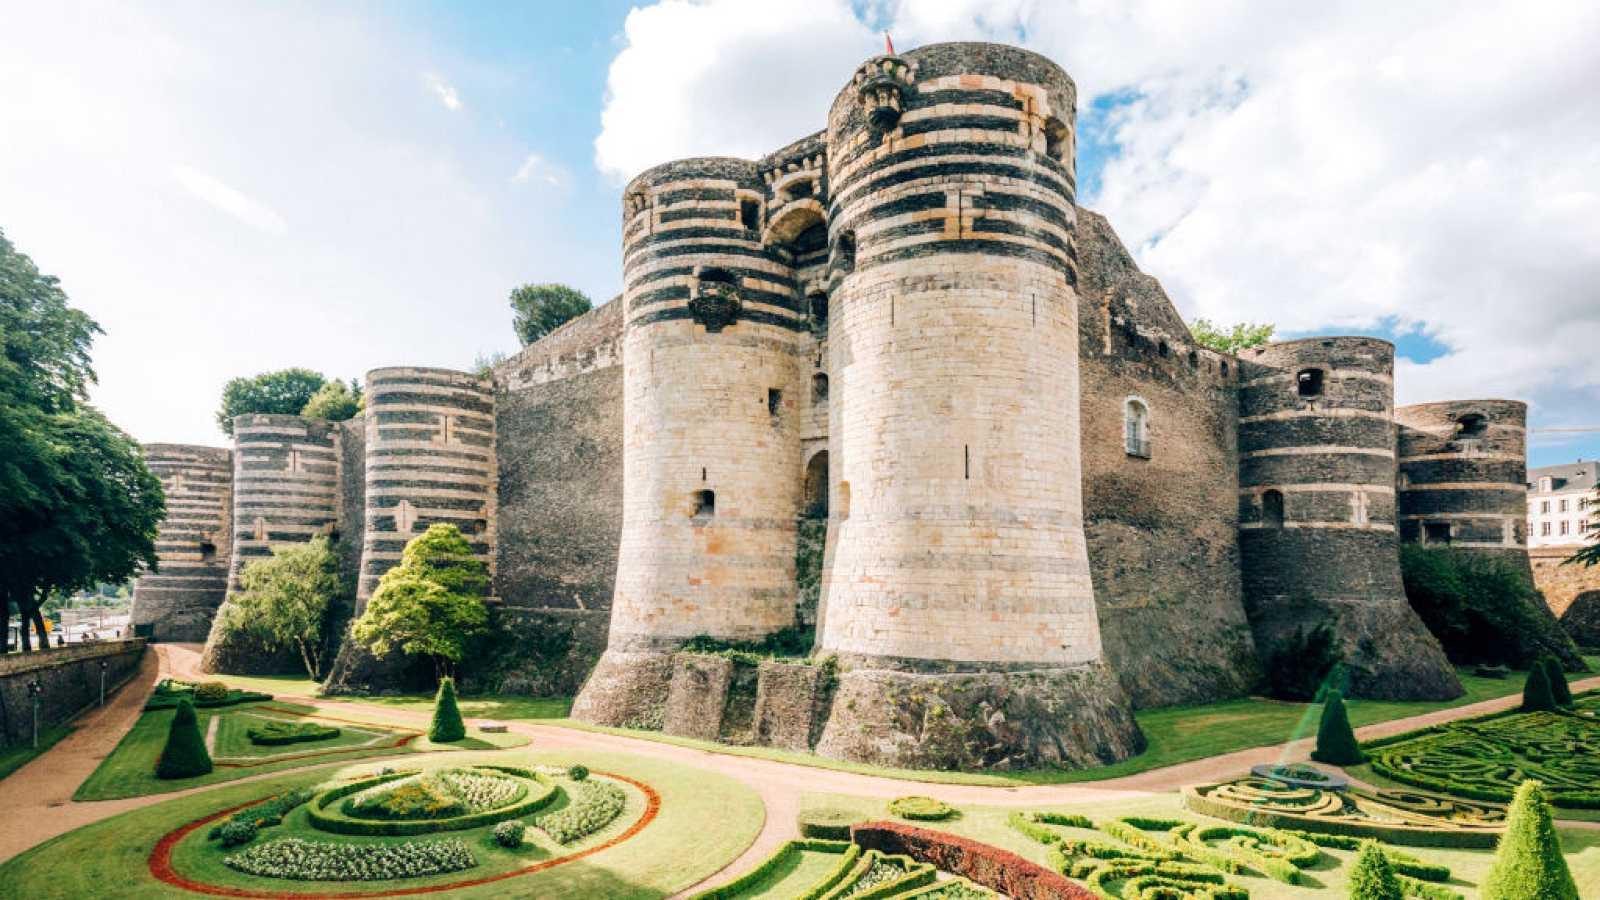 Nómadas - Angers: de ríos y castillos - 31/08/19 - Escuchar ahora